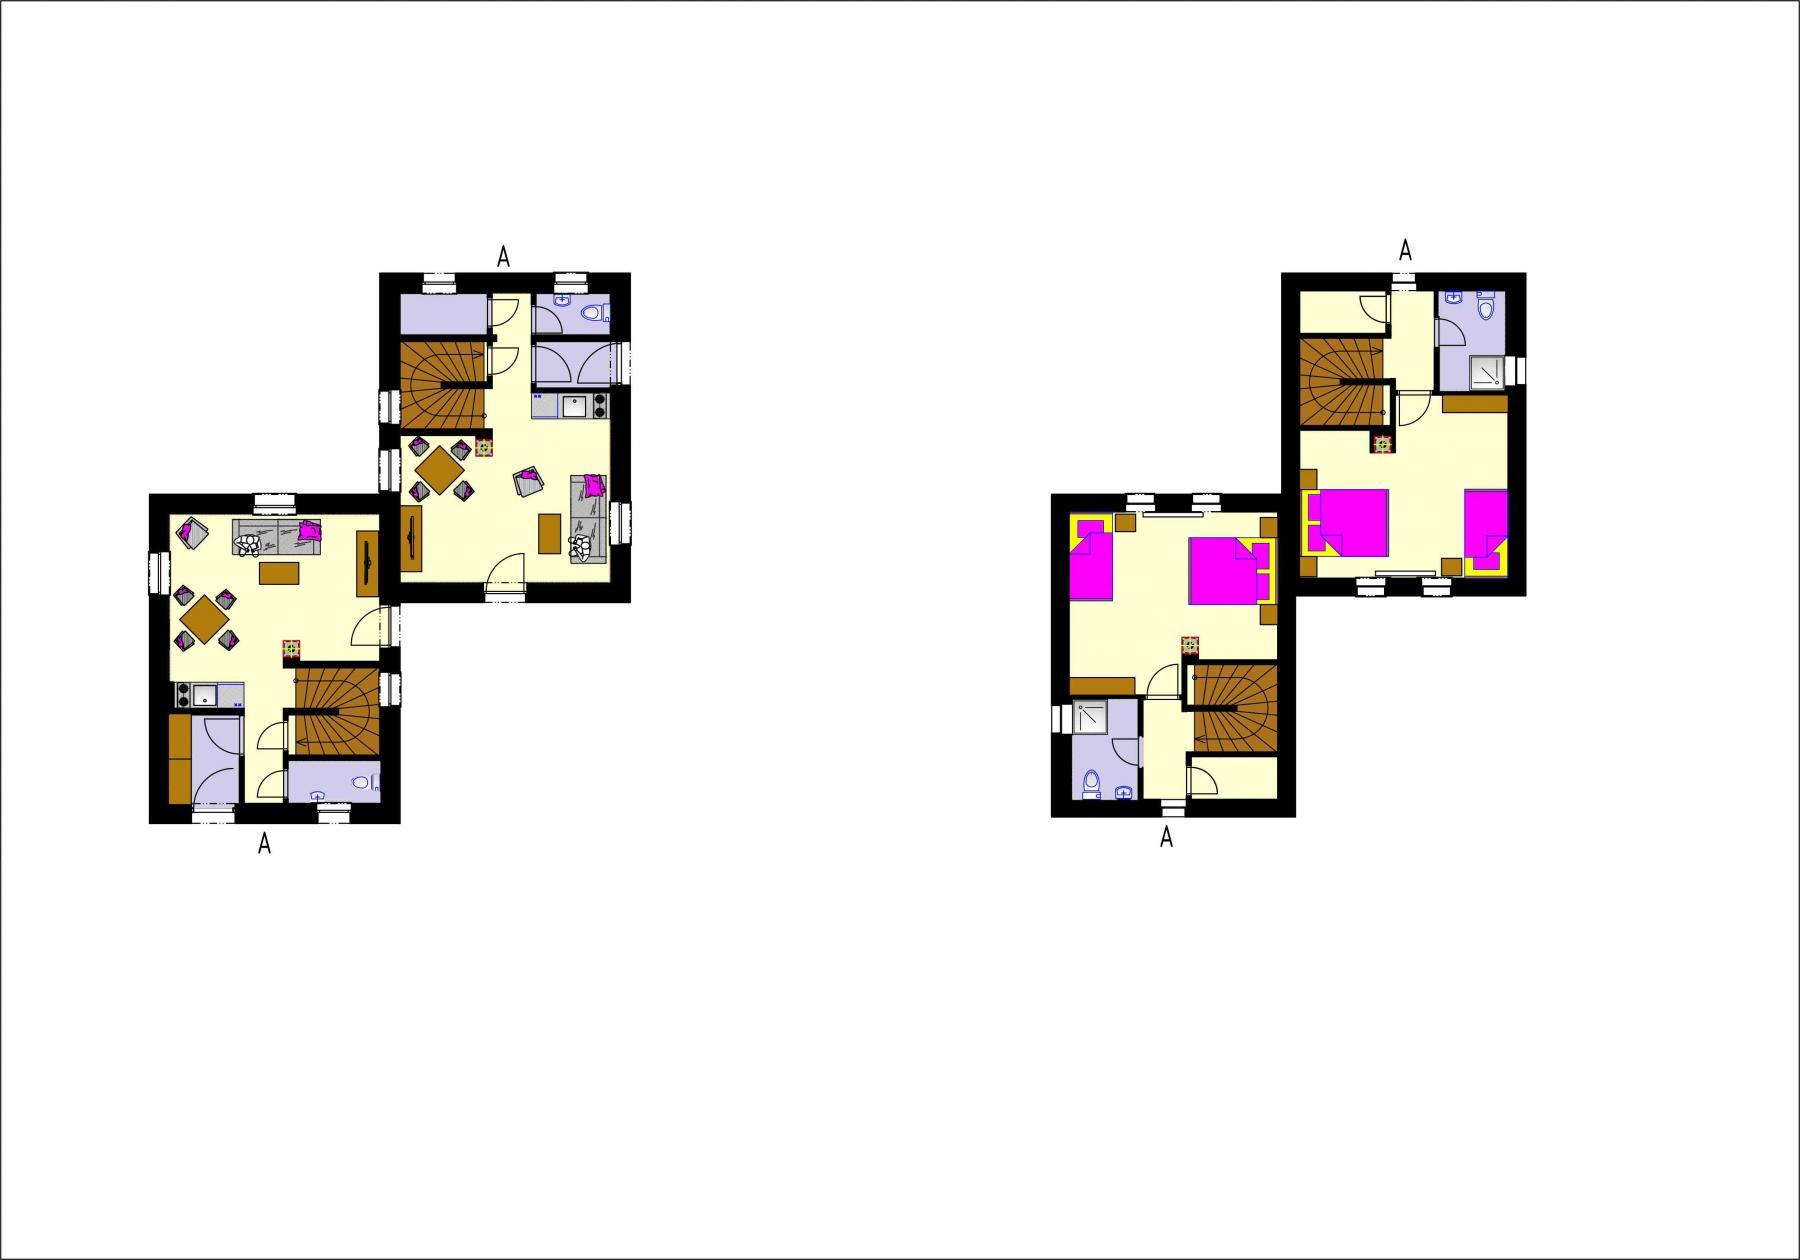 Gothal - ubytovanie na Liptove - pôdorys chalupy typu A - dvojdom